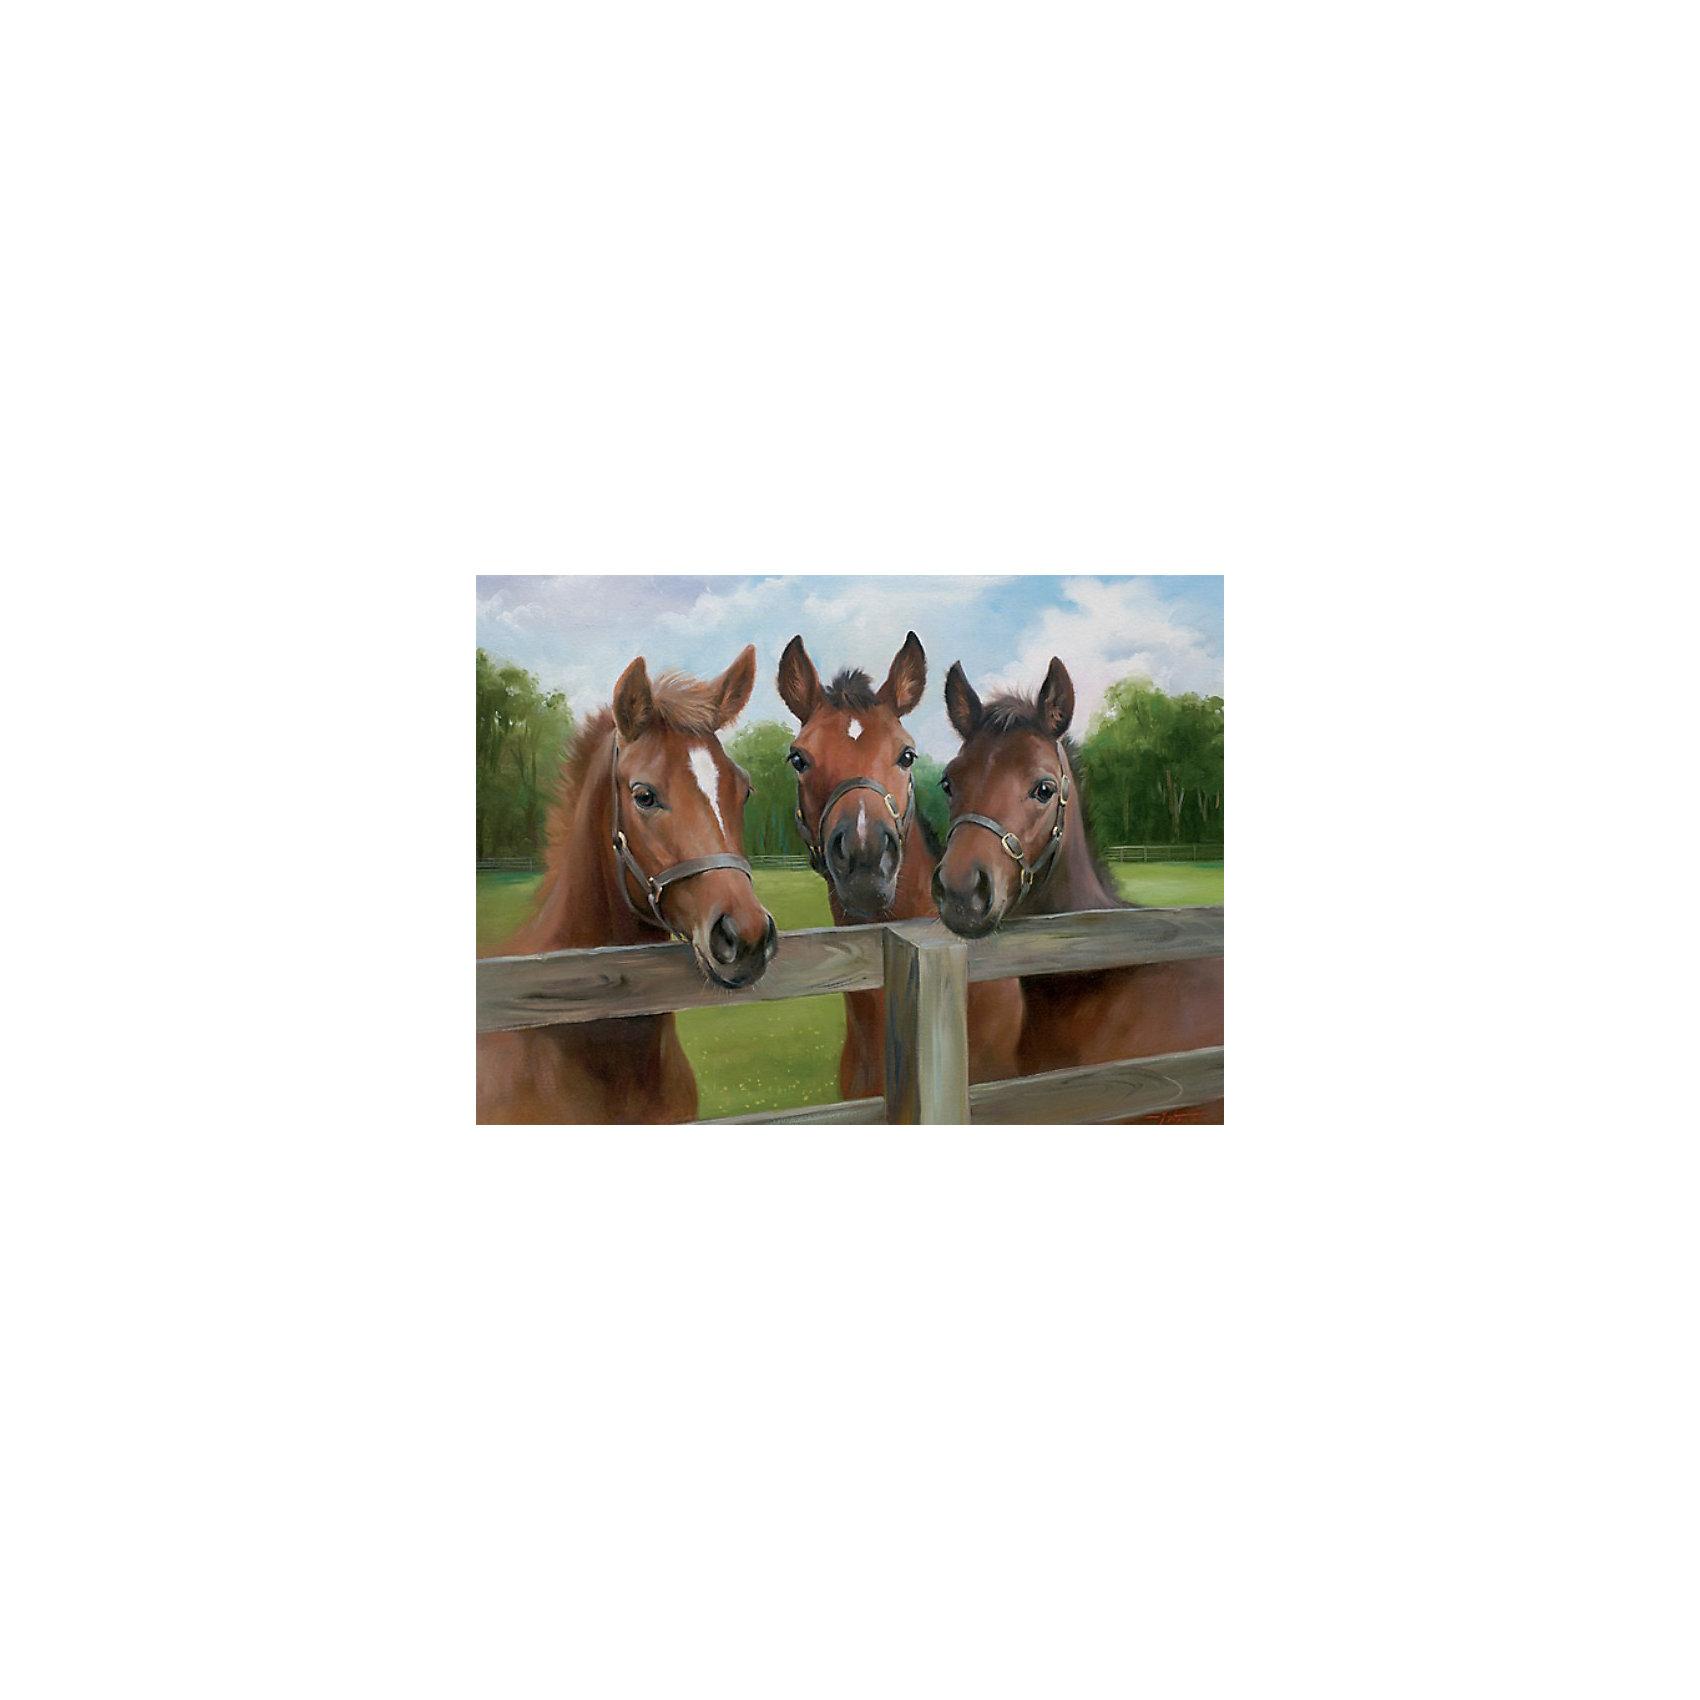 Пазл «Три лошади» 500 деталей, RavensburgerПазлы для детей постарше<br>Собрав Пазл «Три лошади» 500 деталей, Ravensburger (Равенсбургер), Вы получите великолепную картину трех коричневых скаковых лошадей в загоне в высочайшем разрешении. Процесс собирания пазла Три лошади придется по душе Вам и Вашему ребенку, а живописная картина будет отлично смотреться на видном месте в Вашем доме!<br><br>Характеристики:<br>-Элементы идеально соединяются друг с другом, не отслаиваются с течением времени<br>-Высочайшее качество картона и полиграфии <br>-Матовая поверхность исключает отблески<br>-Развивает: память, мышление, внимательность, усидчивость, мелкая моторика, восприятие форм и цветов<br>-Занимательное времяпрепровождение для всей семьи<br>-Для сохранения в собранном виде можно использовать скотч или специальный клей для пазлов (в комплект не входит)<br><br>Дополнительная информация:<br>-Материал: плотный картон, бумага<br>-Размер собранного пазла: 49х36 см<br>-Размер упаковки: 34х23х4 см<br>-Вес упаковки: 550 г<br><br>Пазл «Три лошади» – великолепная игра для семейного досуга и оригинальный подарок друзьям! <br><br>Пазл «Три лошади» 500 деталей, Ravensburger (Равенсбургер) можно купить в нашем магазине.<br><br>Ширина мм: 234<br>Глубина мм: 337<br>Высота мм: 38<br>Вес г: 511<br>Возраст от месяцев: 144<br>Возраст до месяцев: 228<br>Пол: Женский<br>Возраст: Детский<br>Количество деталей: 500<br>SKU: 1698347